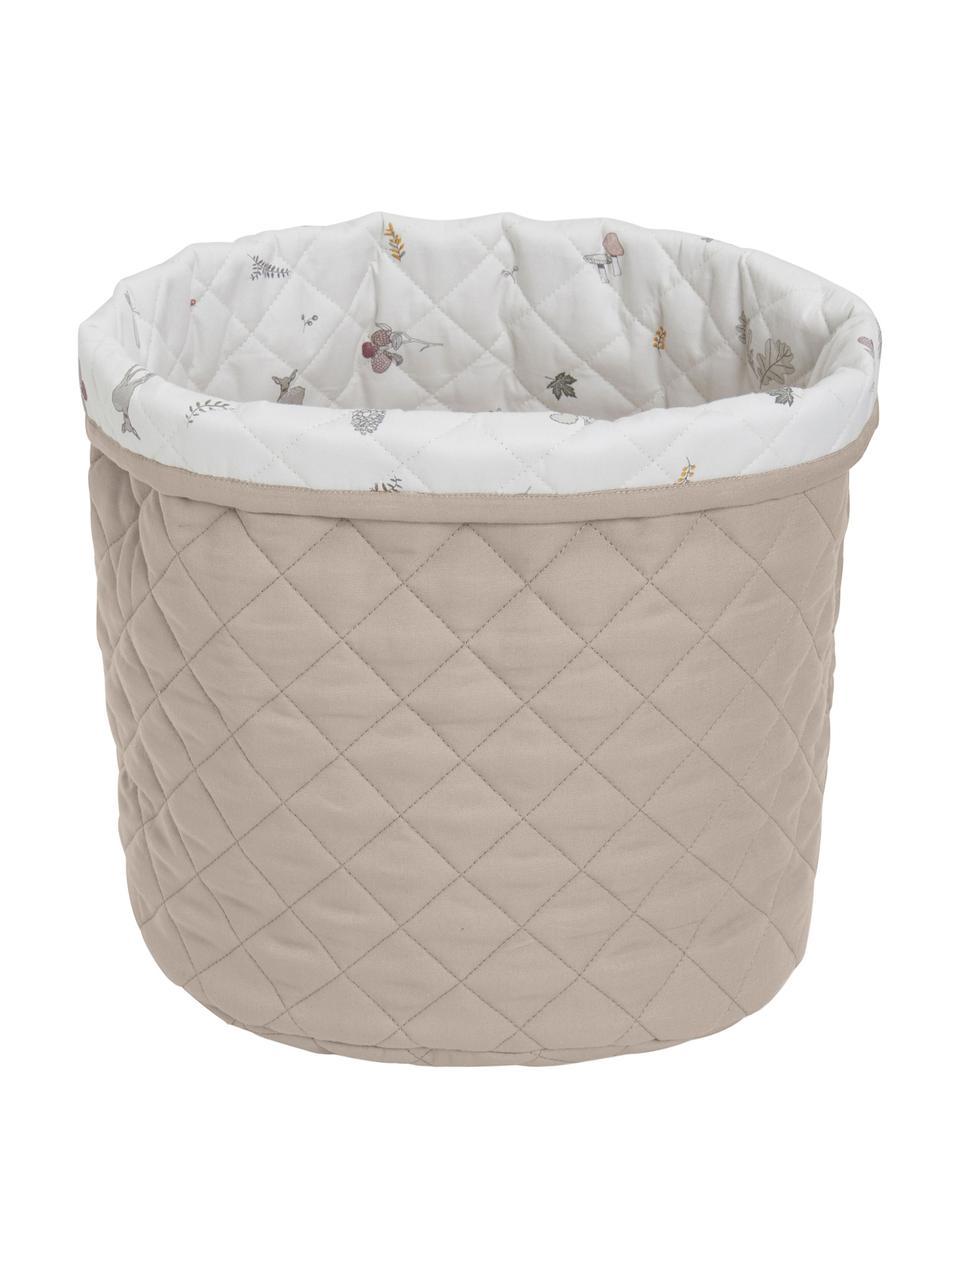 Aufbewahrungskorb Fawn aus Bio-Baumwolle, Bezug: 100% Biobaumwolle, Öko-Te, Weiß, Braun, Beige, Ø 30 x H 33 cm